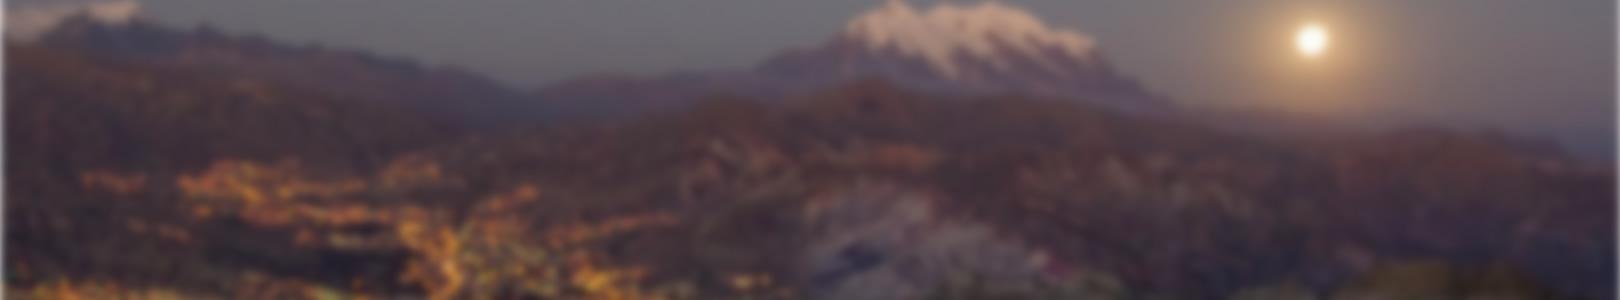 La Paz, voyage bolivie, voyagiste au perou